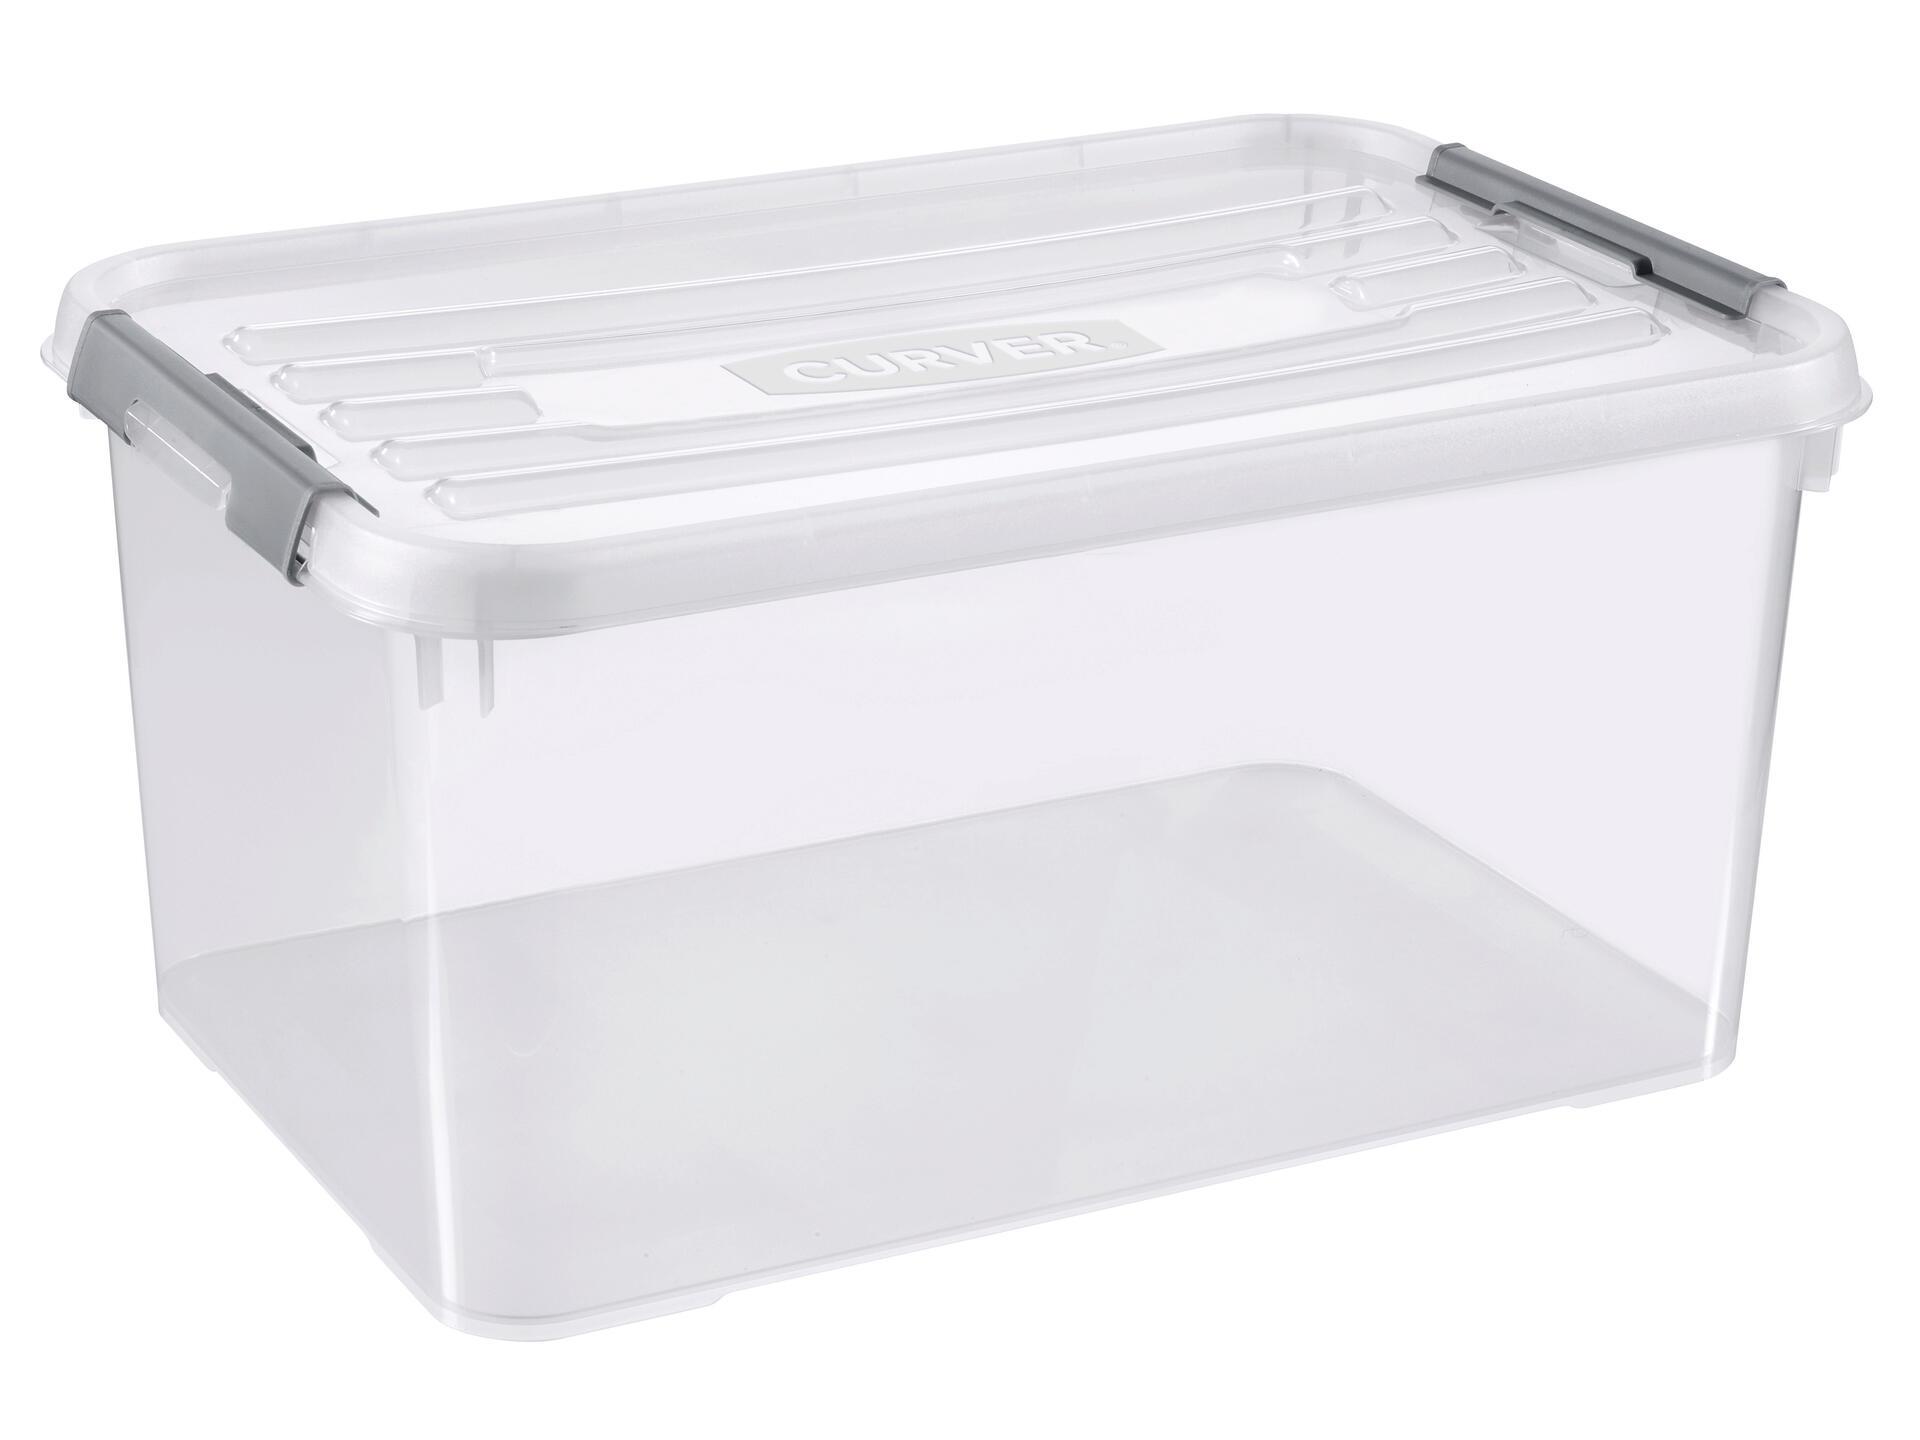 Curver Handy+ boîte de rangement 50l transparent | Hubo